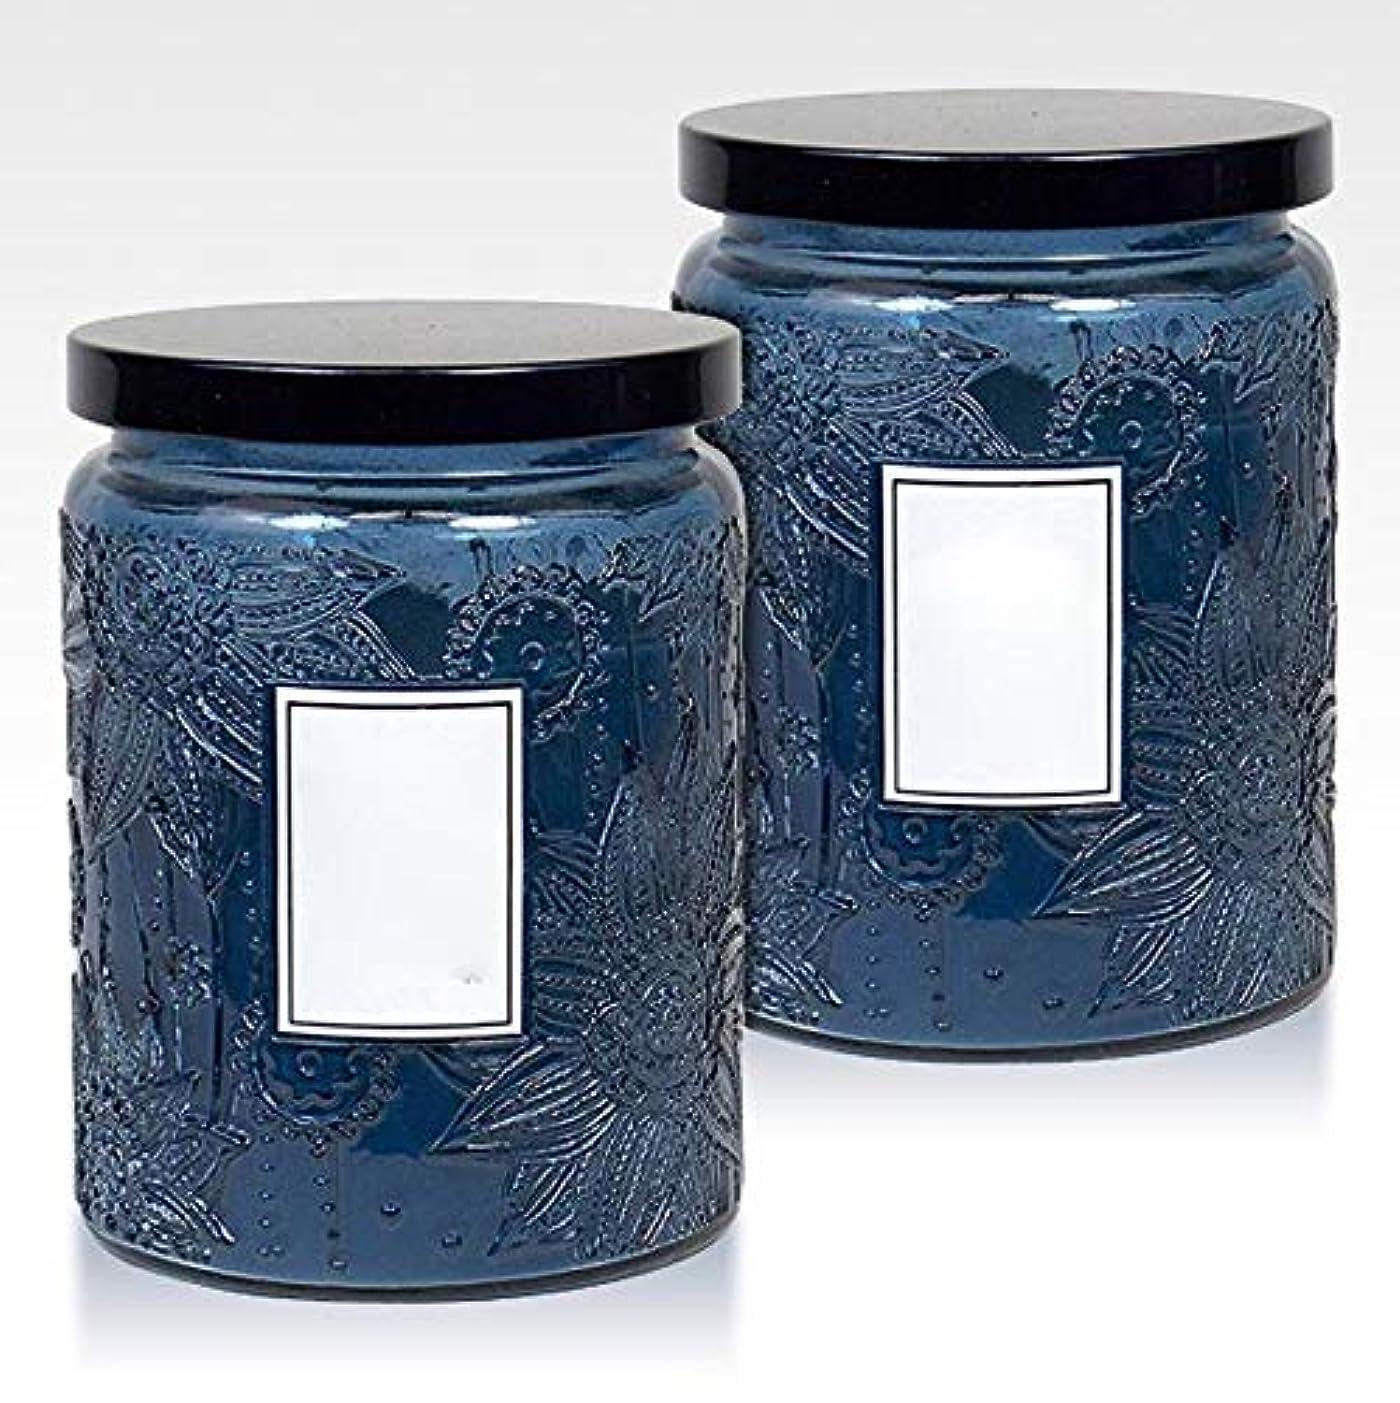 細断支払い柔らかさ16Oz大きい缶2つの中心の香料入りの蝋燭の環境に優しい植物の精油の大豆のワックスの無煙蝋燭セット(5箱)